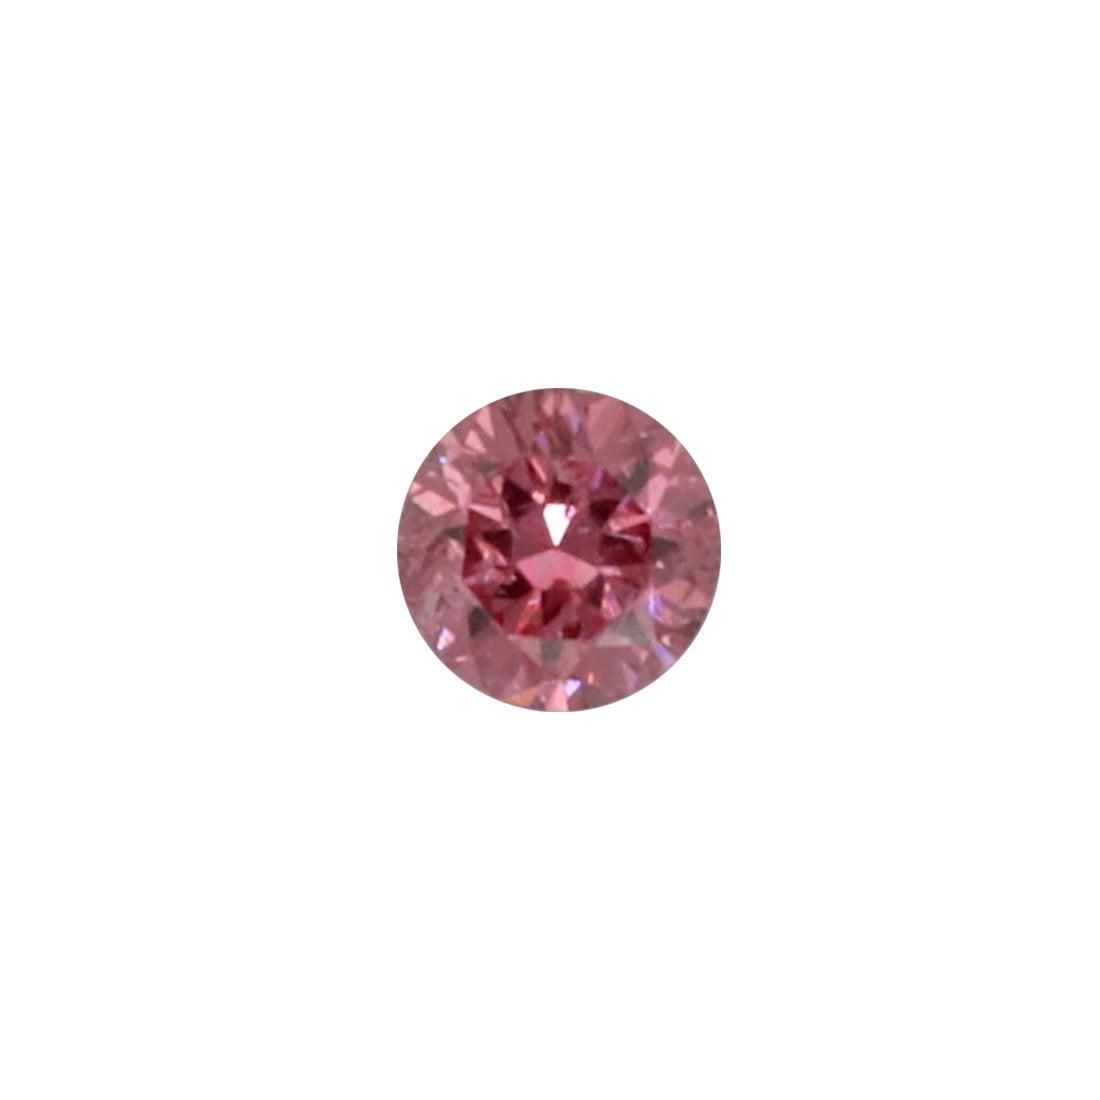 0.04ct Natural Fancy Vivid Purplish Pink, 2P, I1, Argyle Pink Diamond